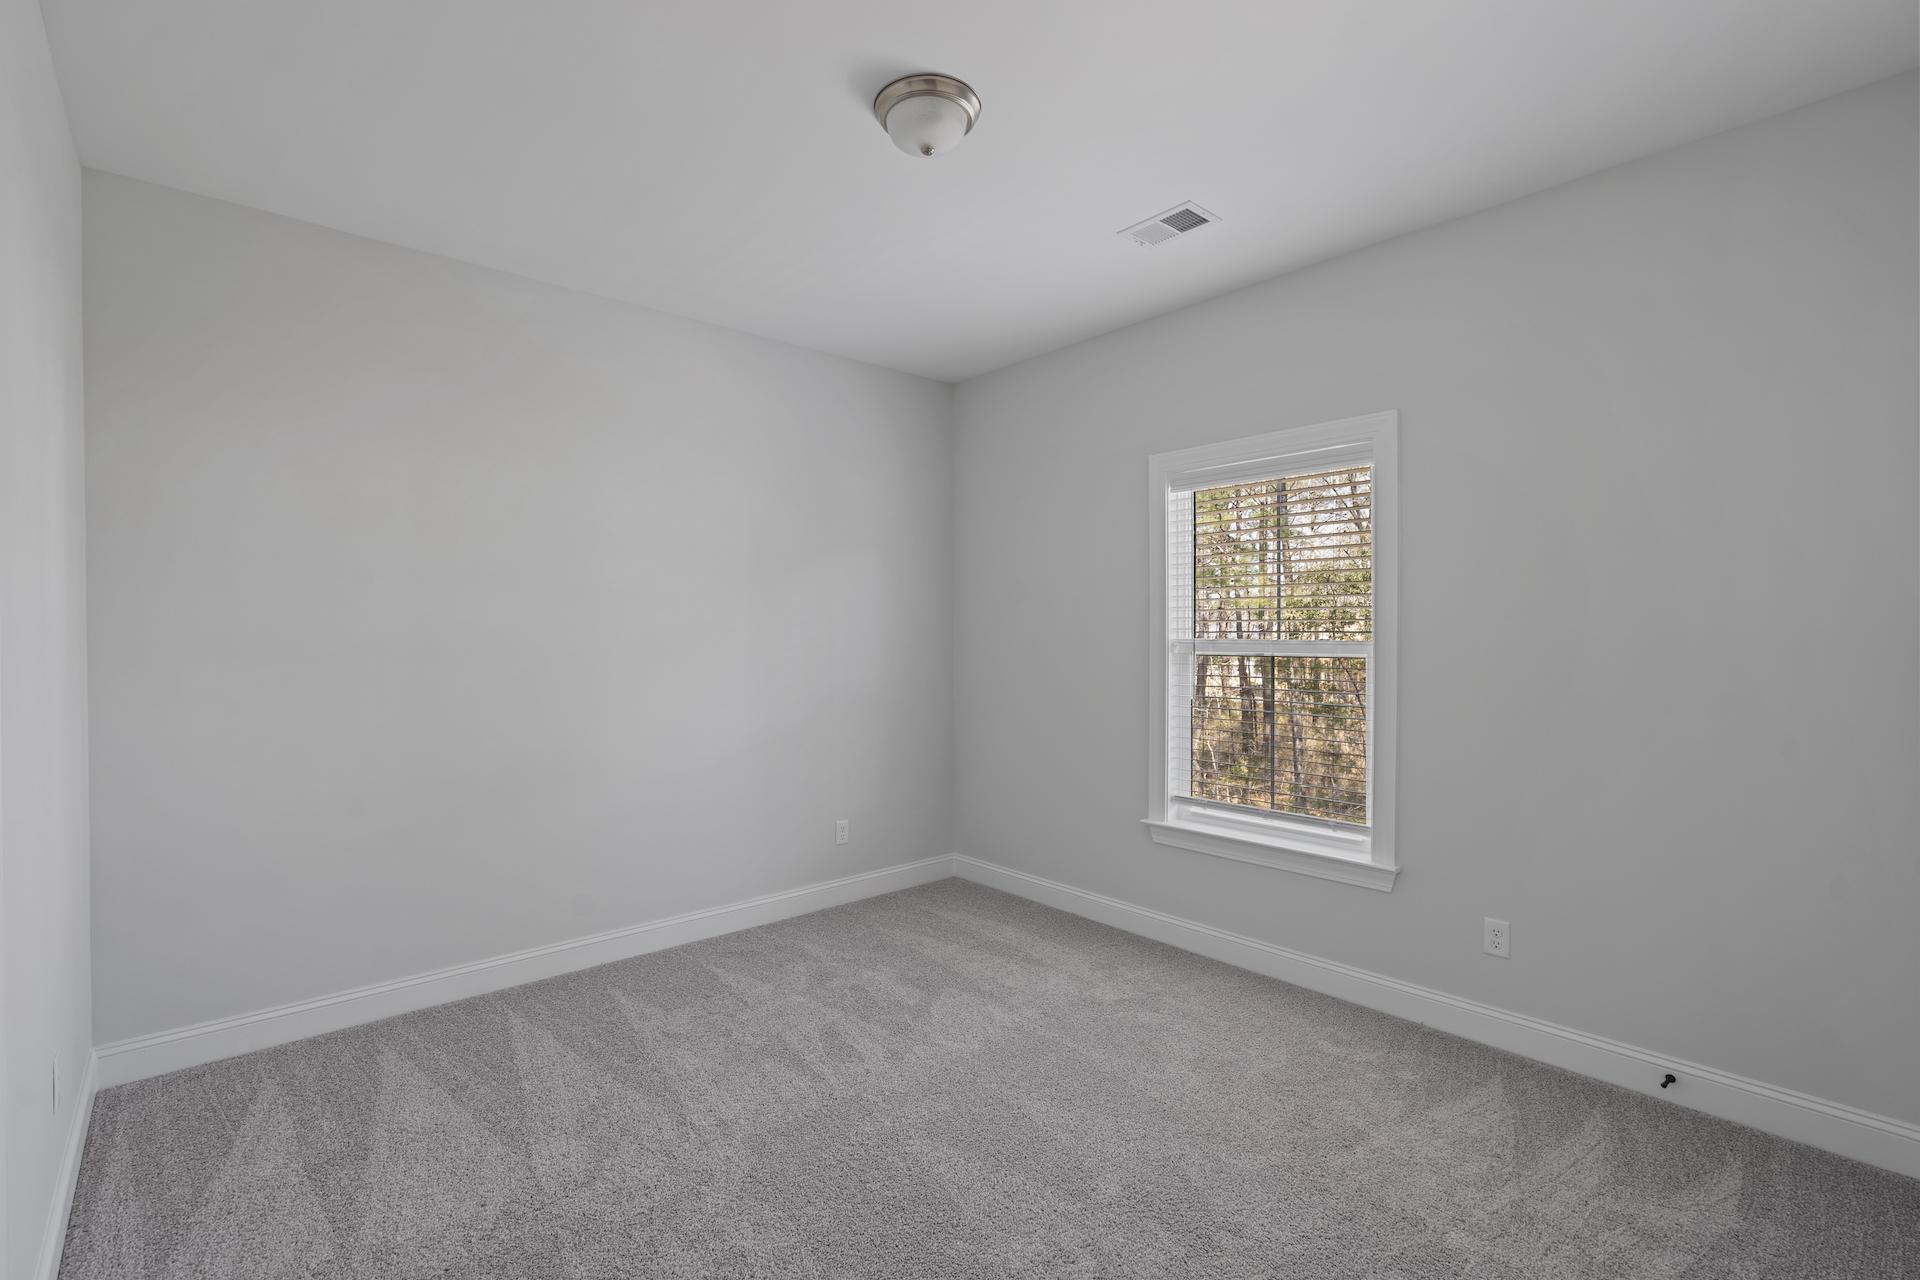 Park West Homes For Sale - 1504 Hopkins, Mount Pleasant, SC - 21